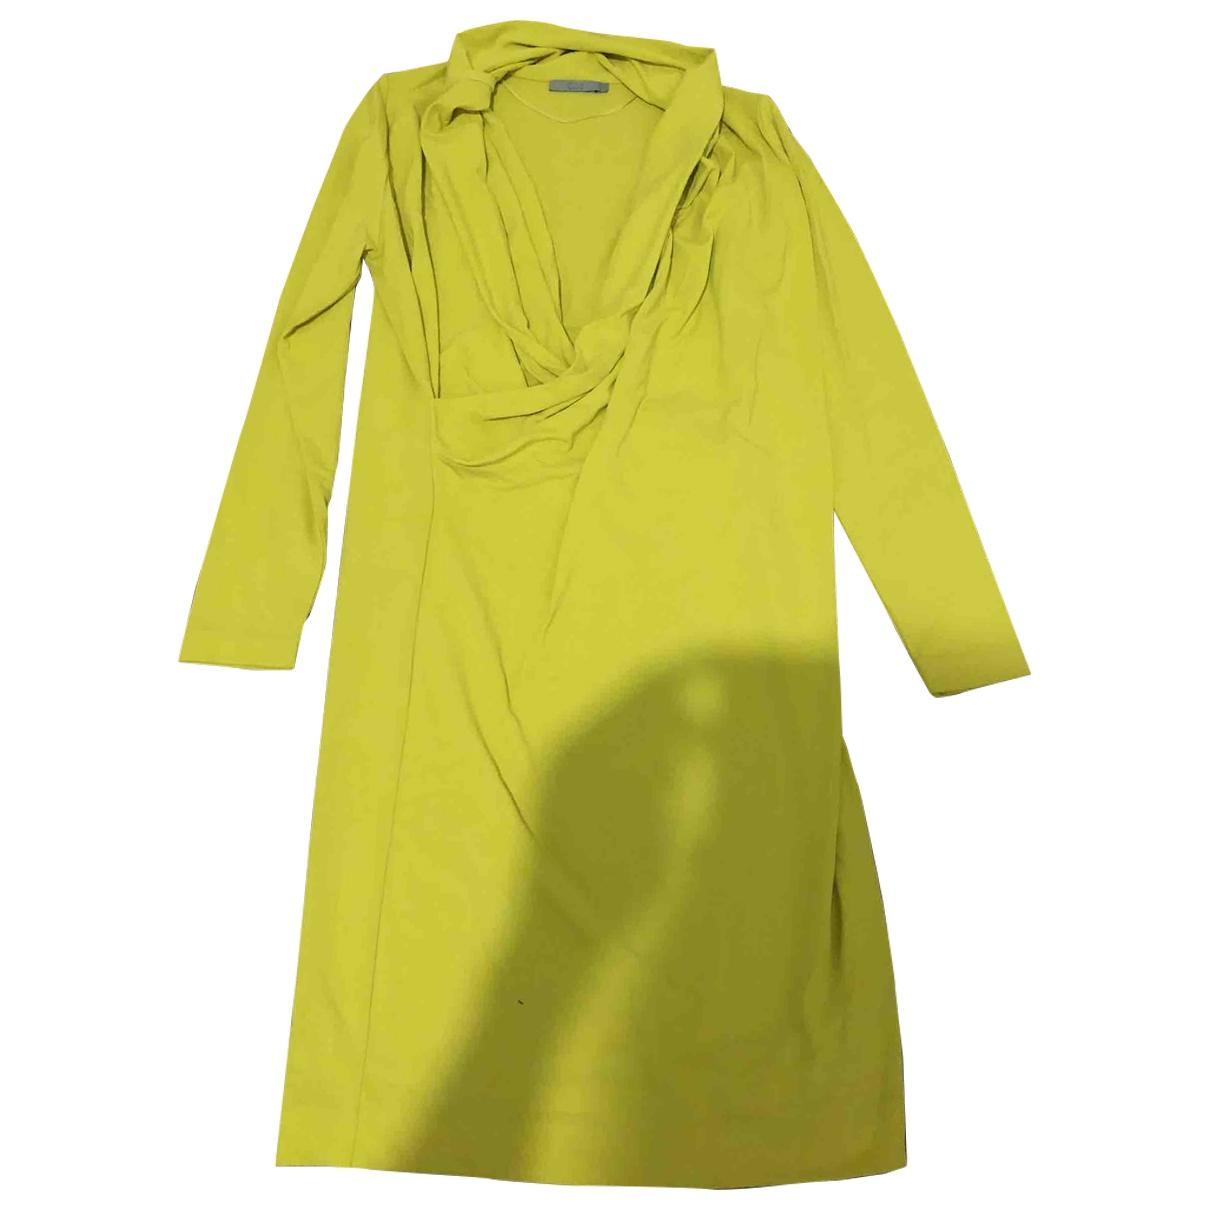 Cos \N Kleid in  Gelb Viskose